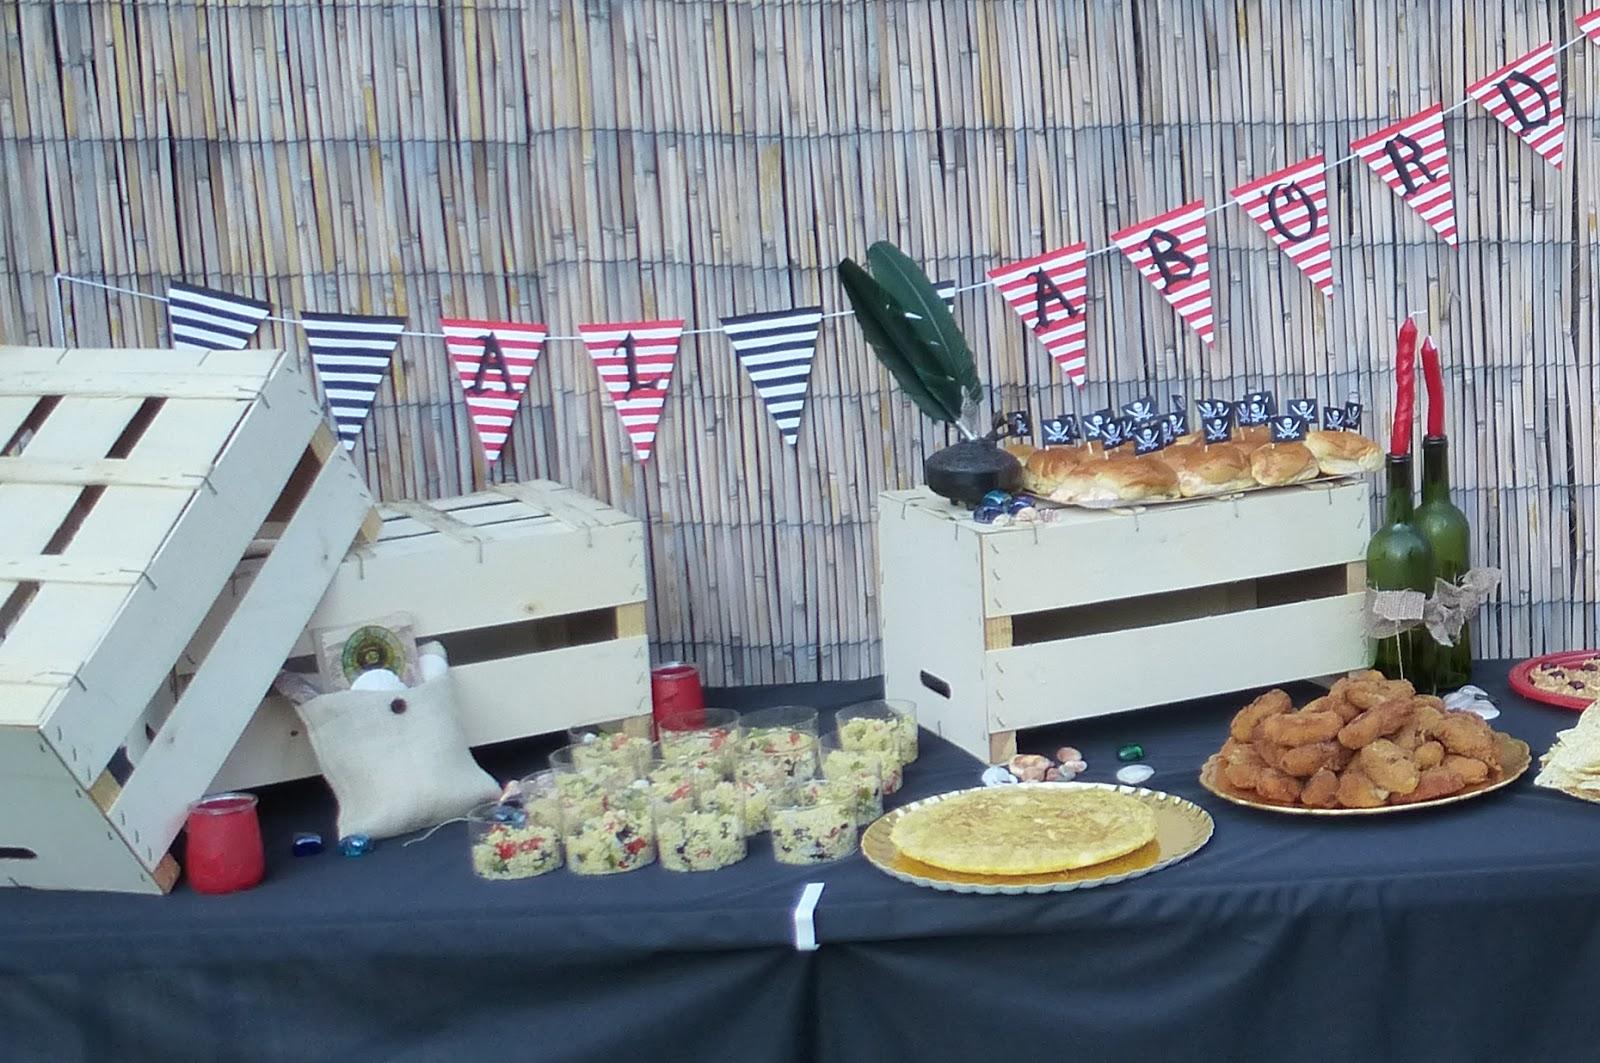 Reciclando 2 decoraciones para fiesta - Caja fruta decoracion ...